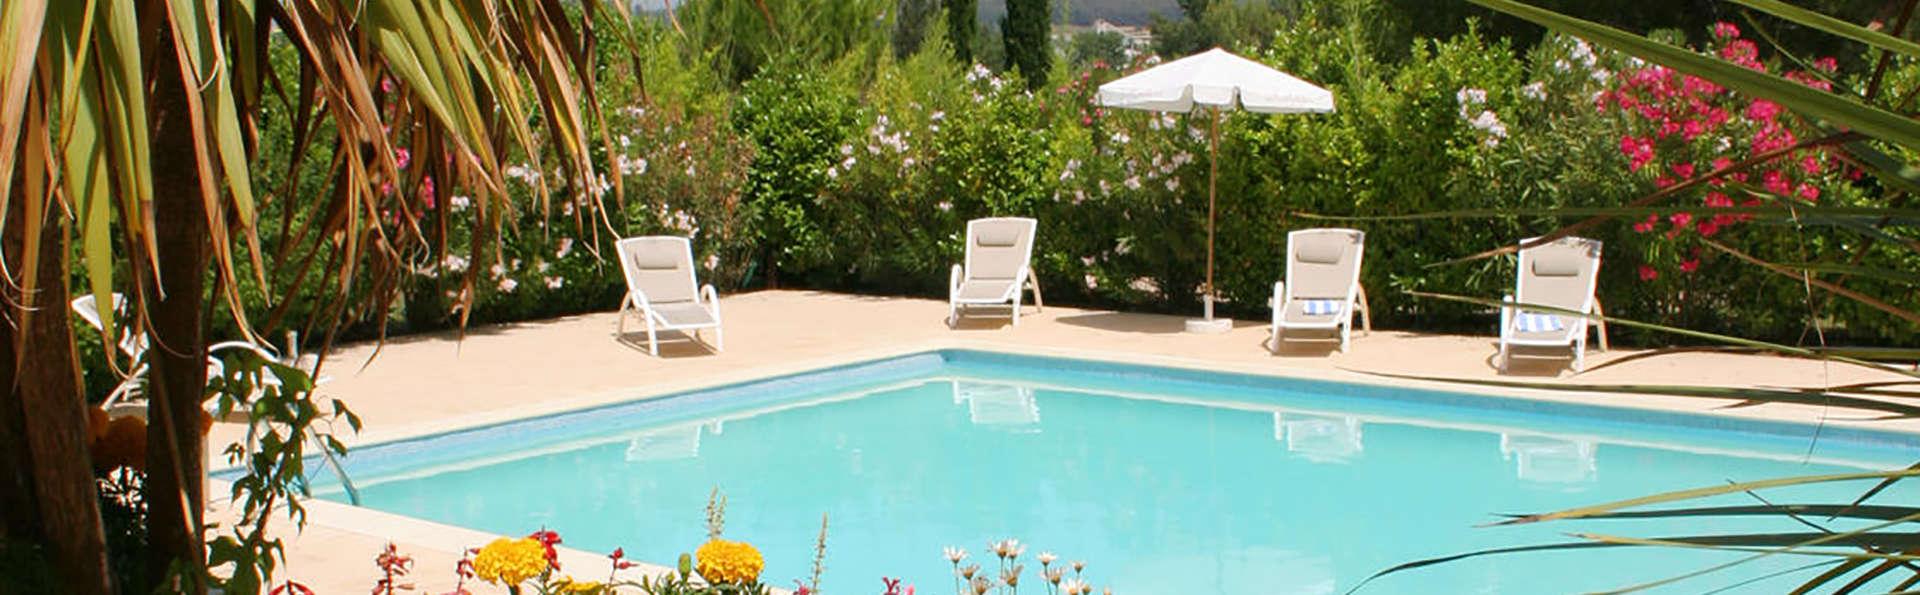 Week-end de charme à deux pas d'Aix en Provence